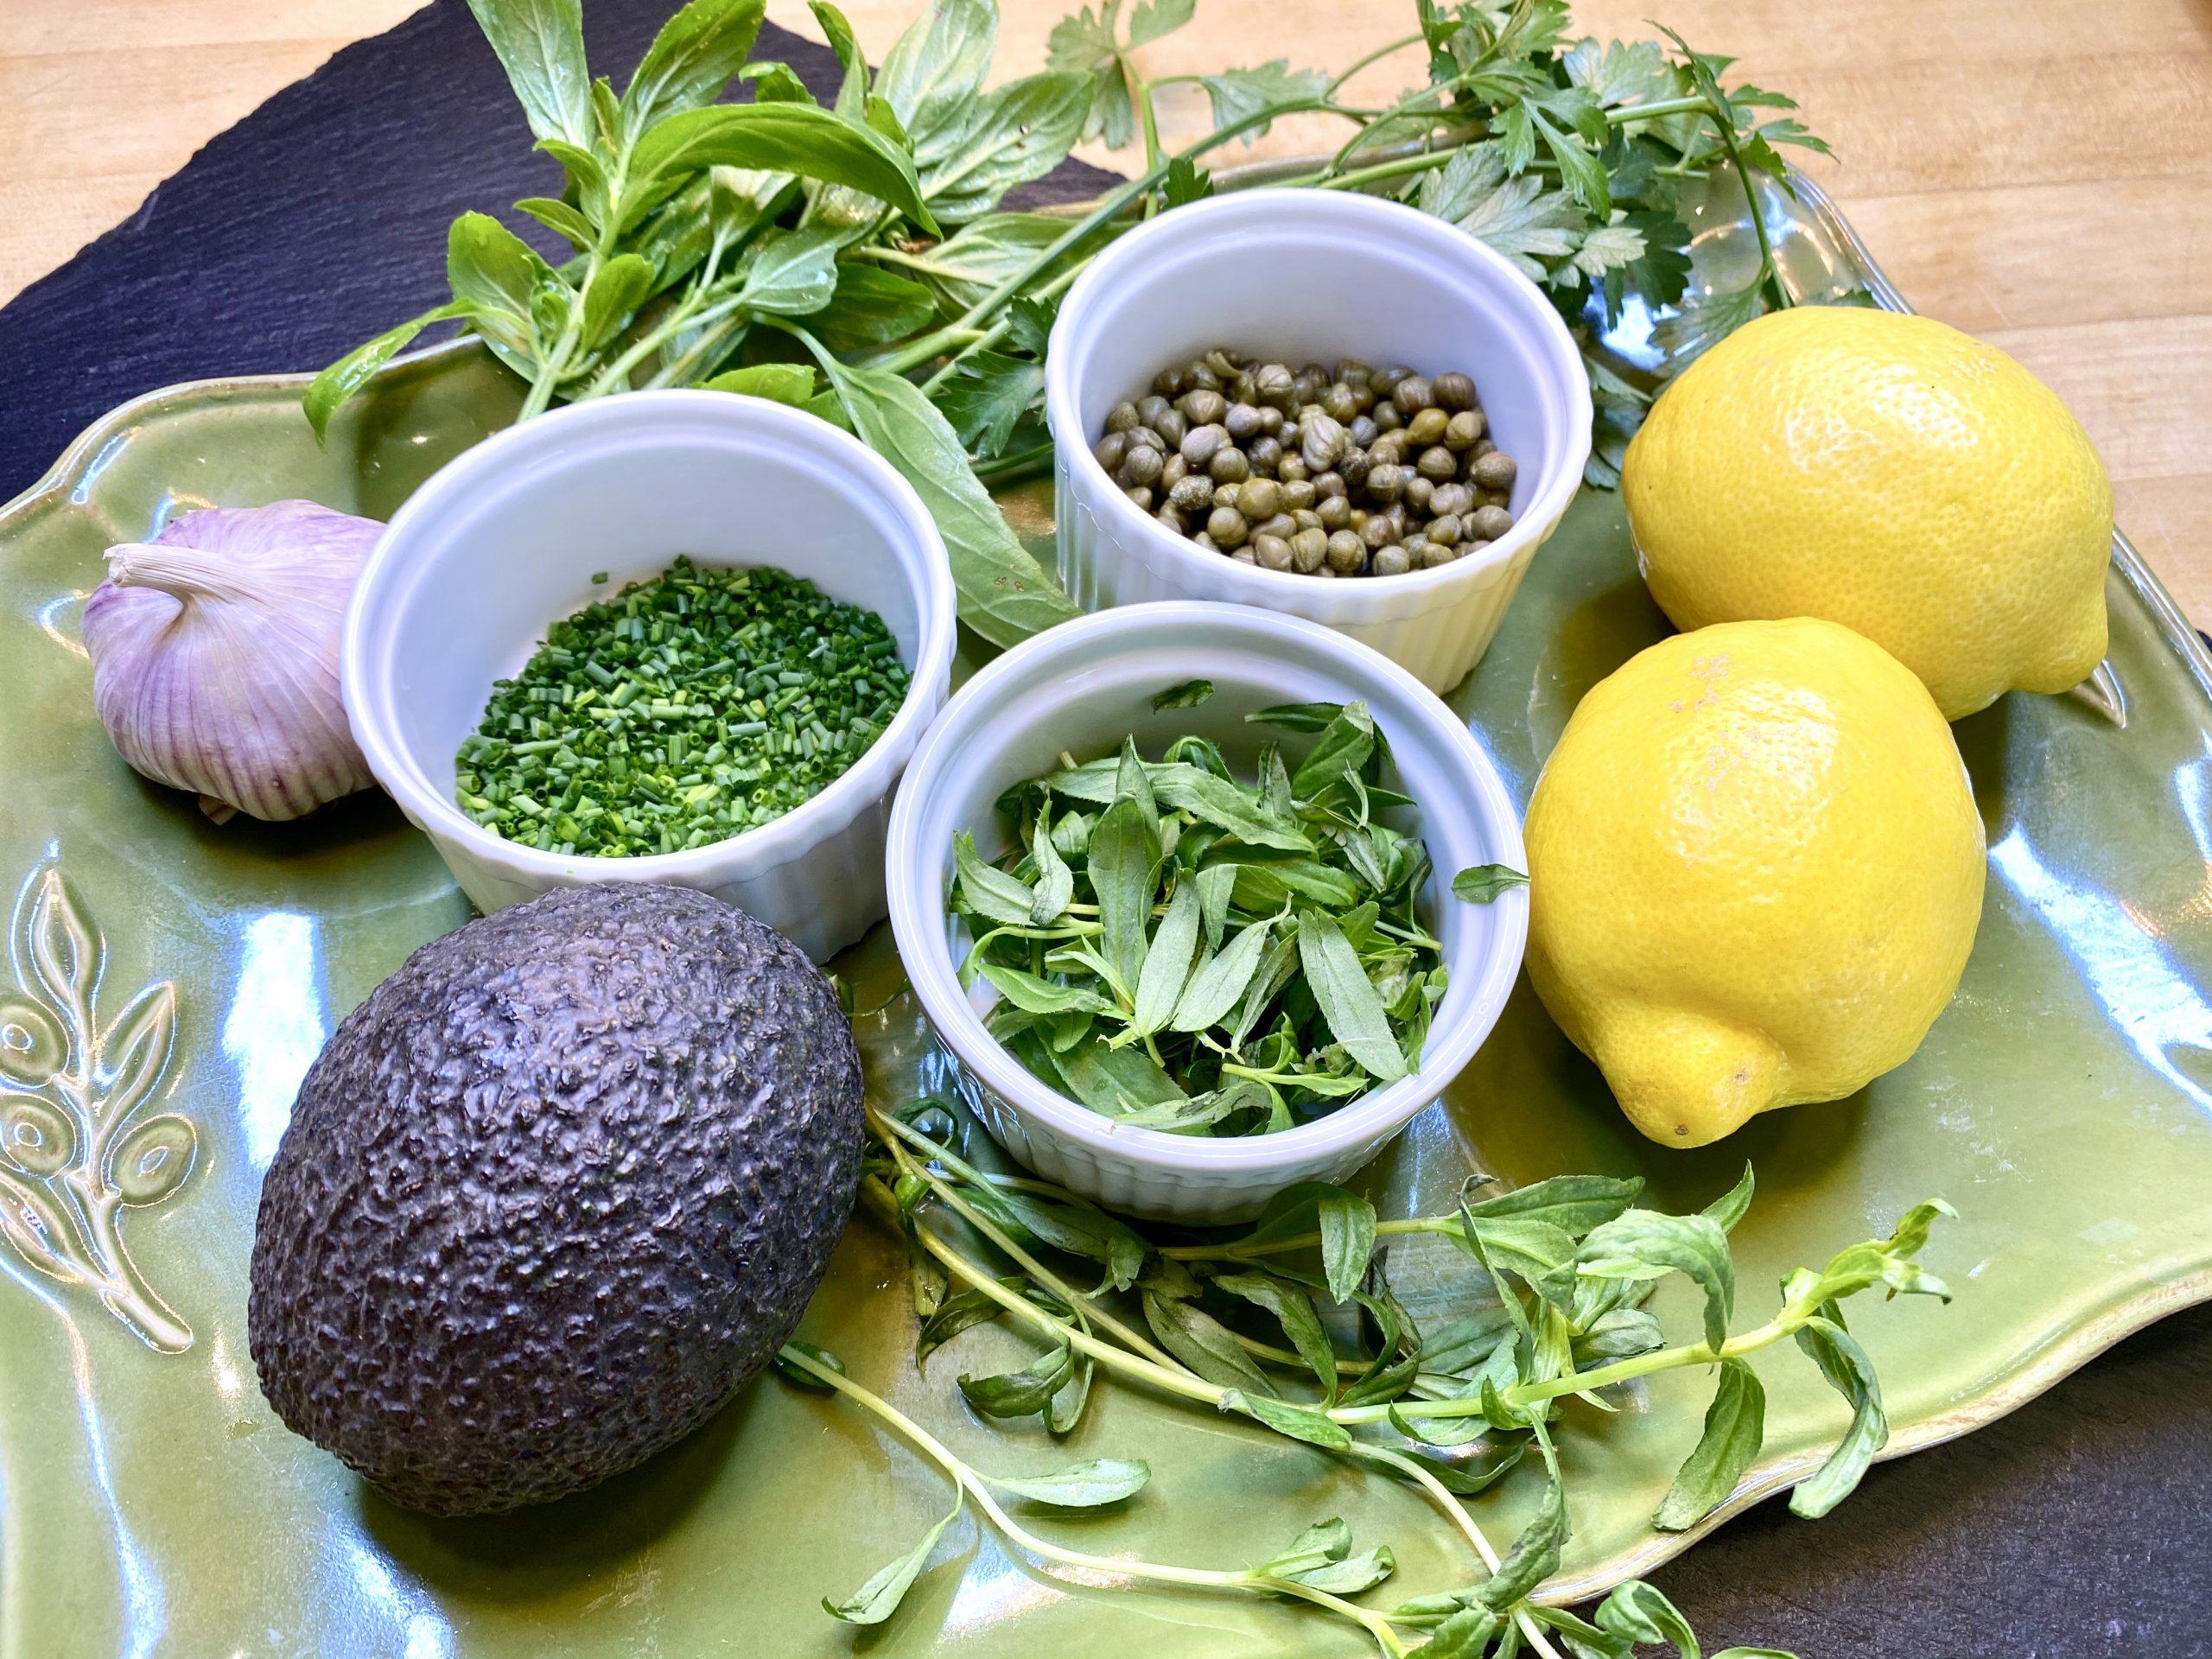 fresh ingredients to make Green Goddess Dressing recipe